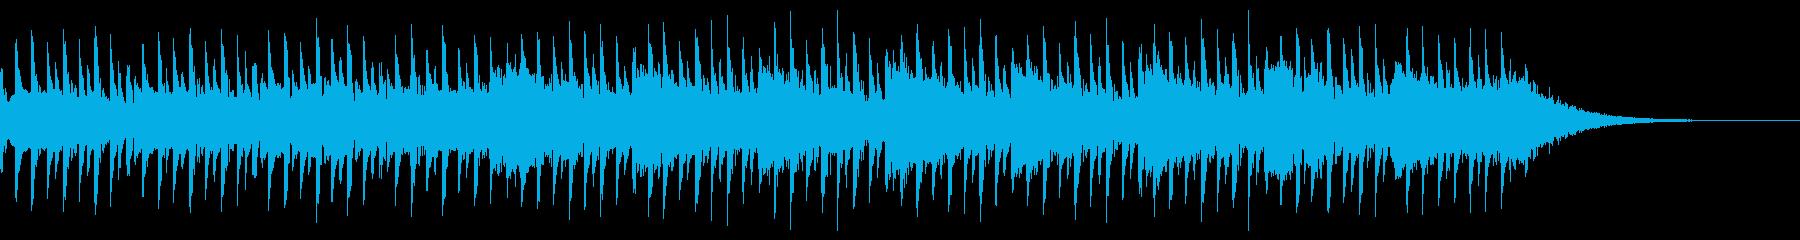 インタビューの背景(30秒)の再生済みの波形